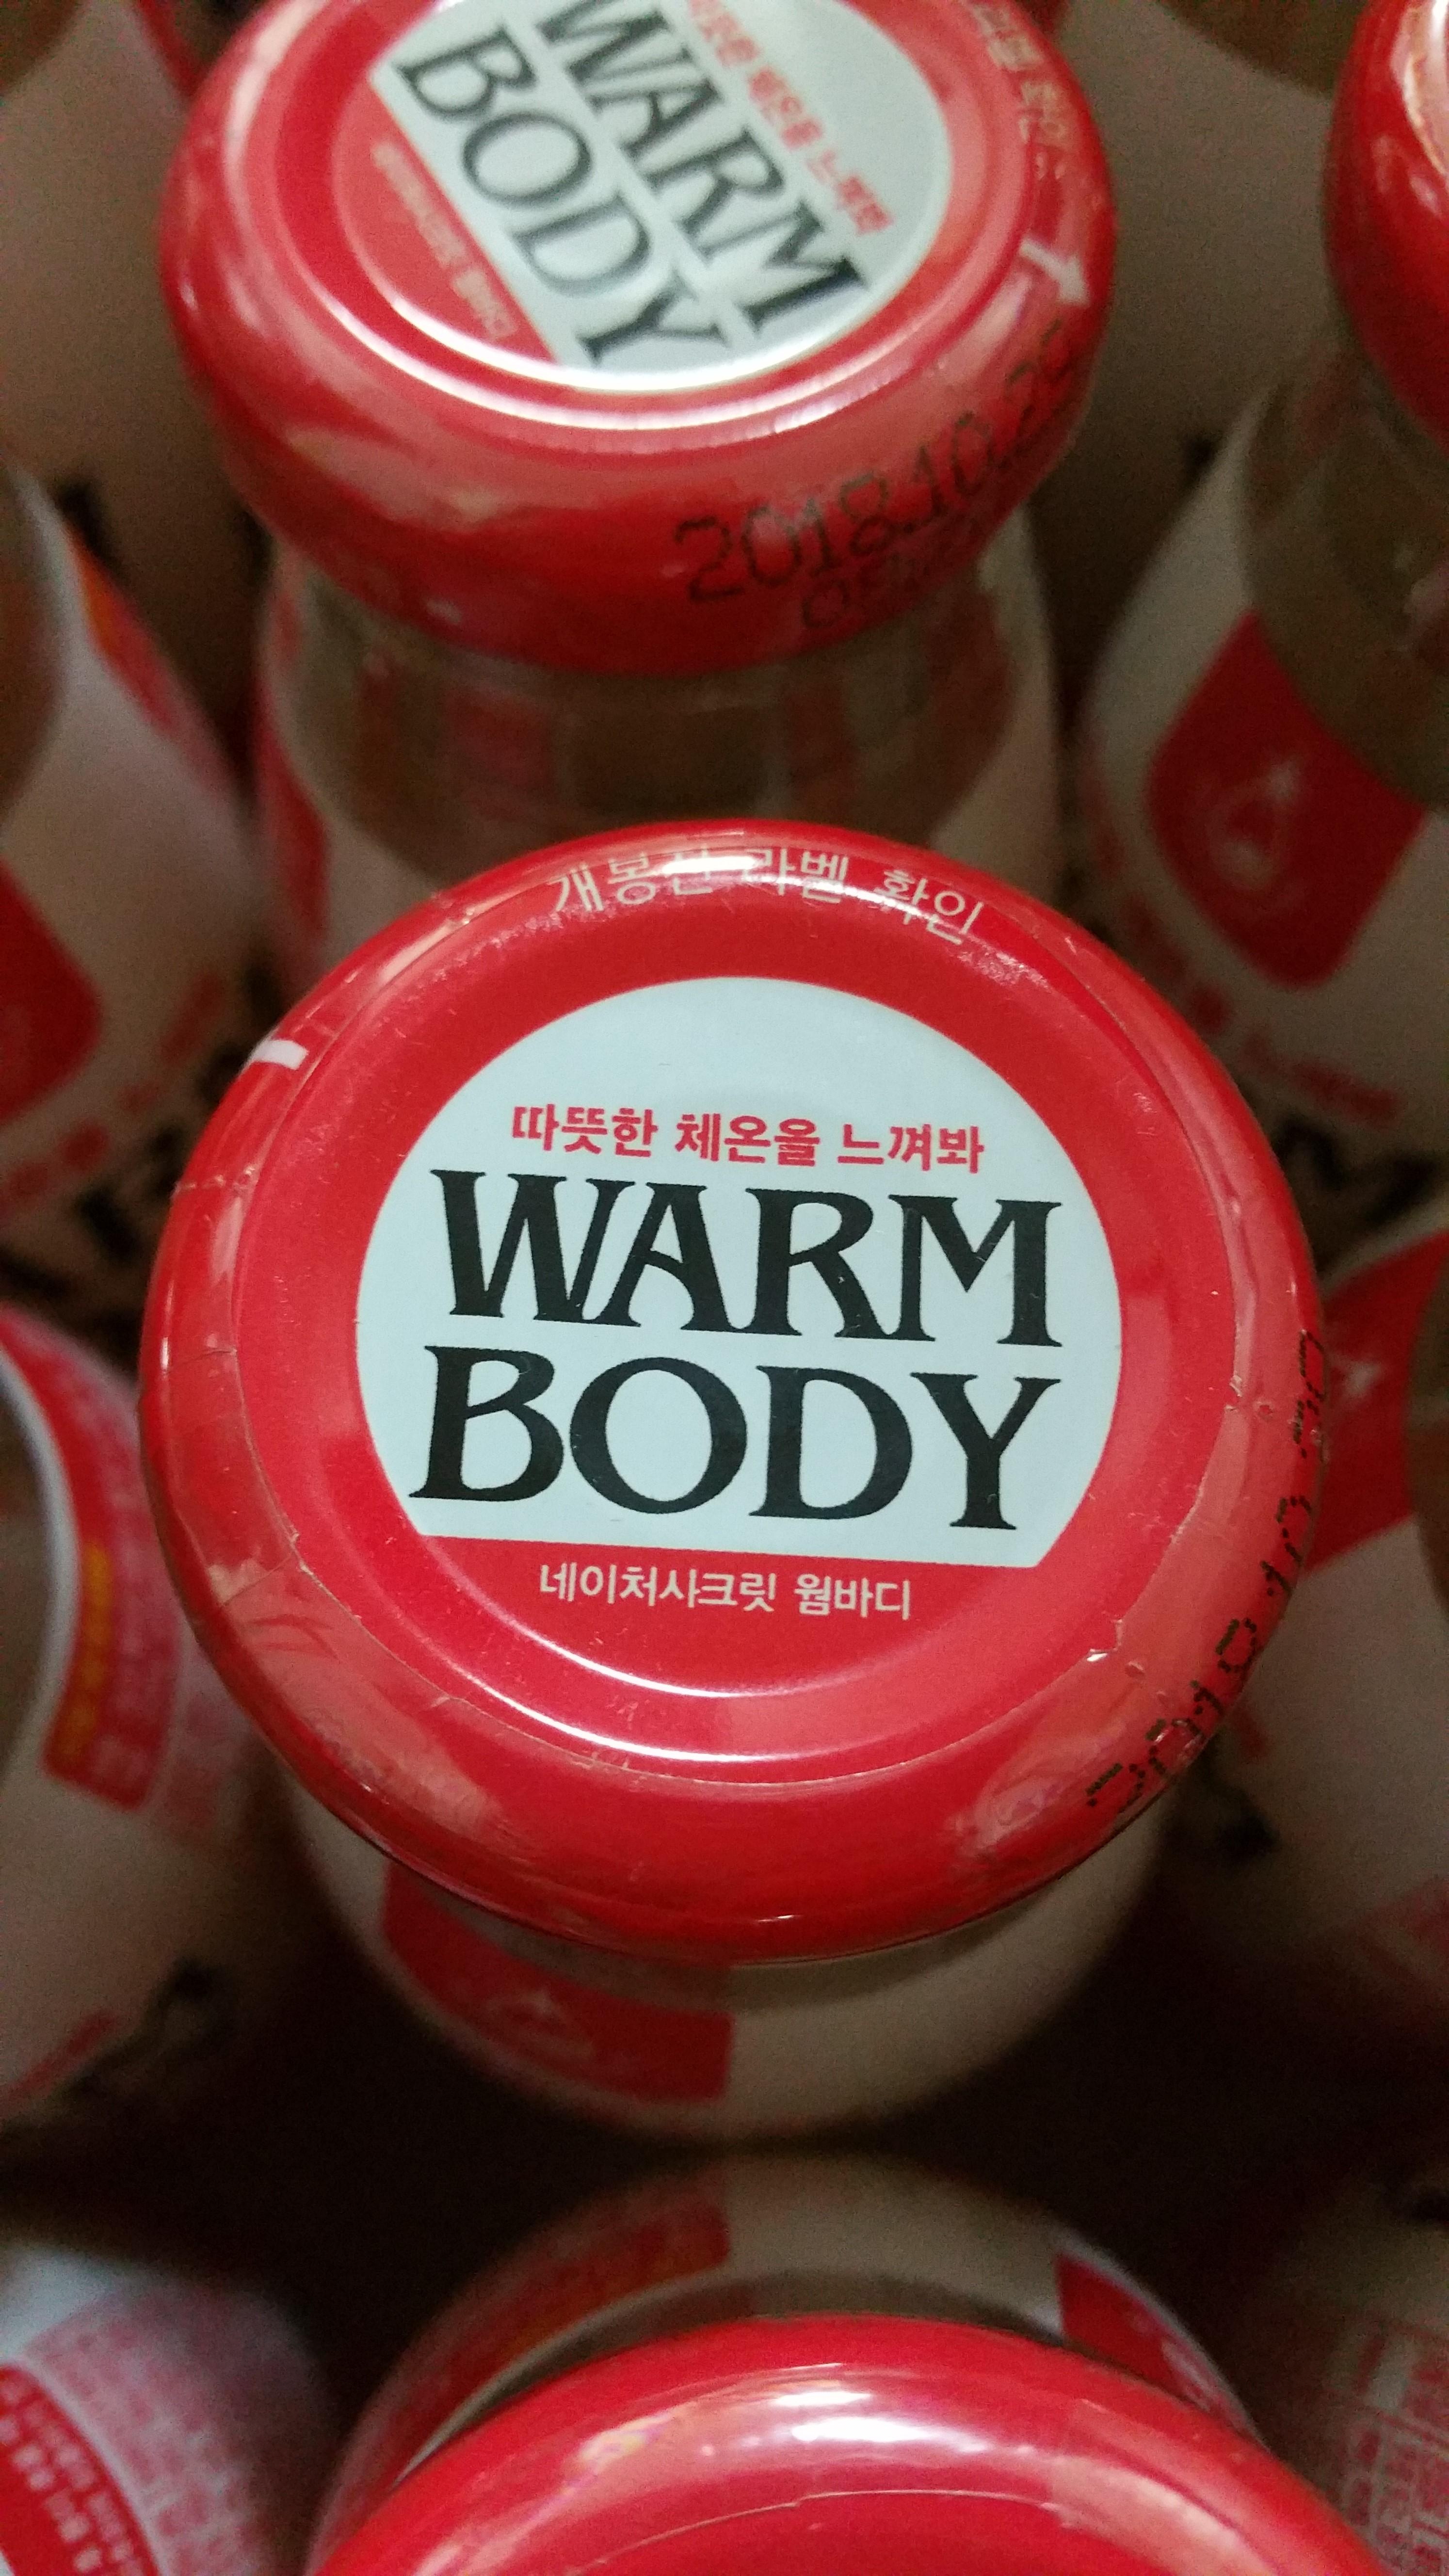 네이처시크릿 웜바디(warm booy)